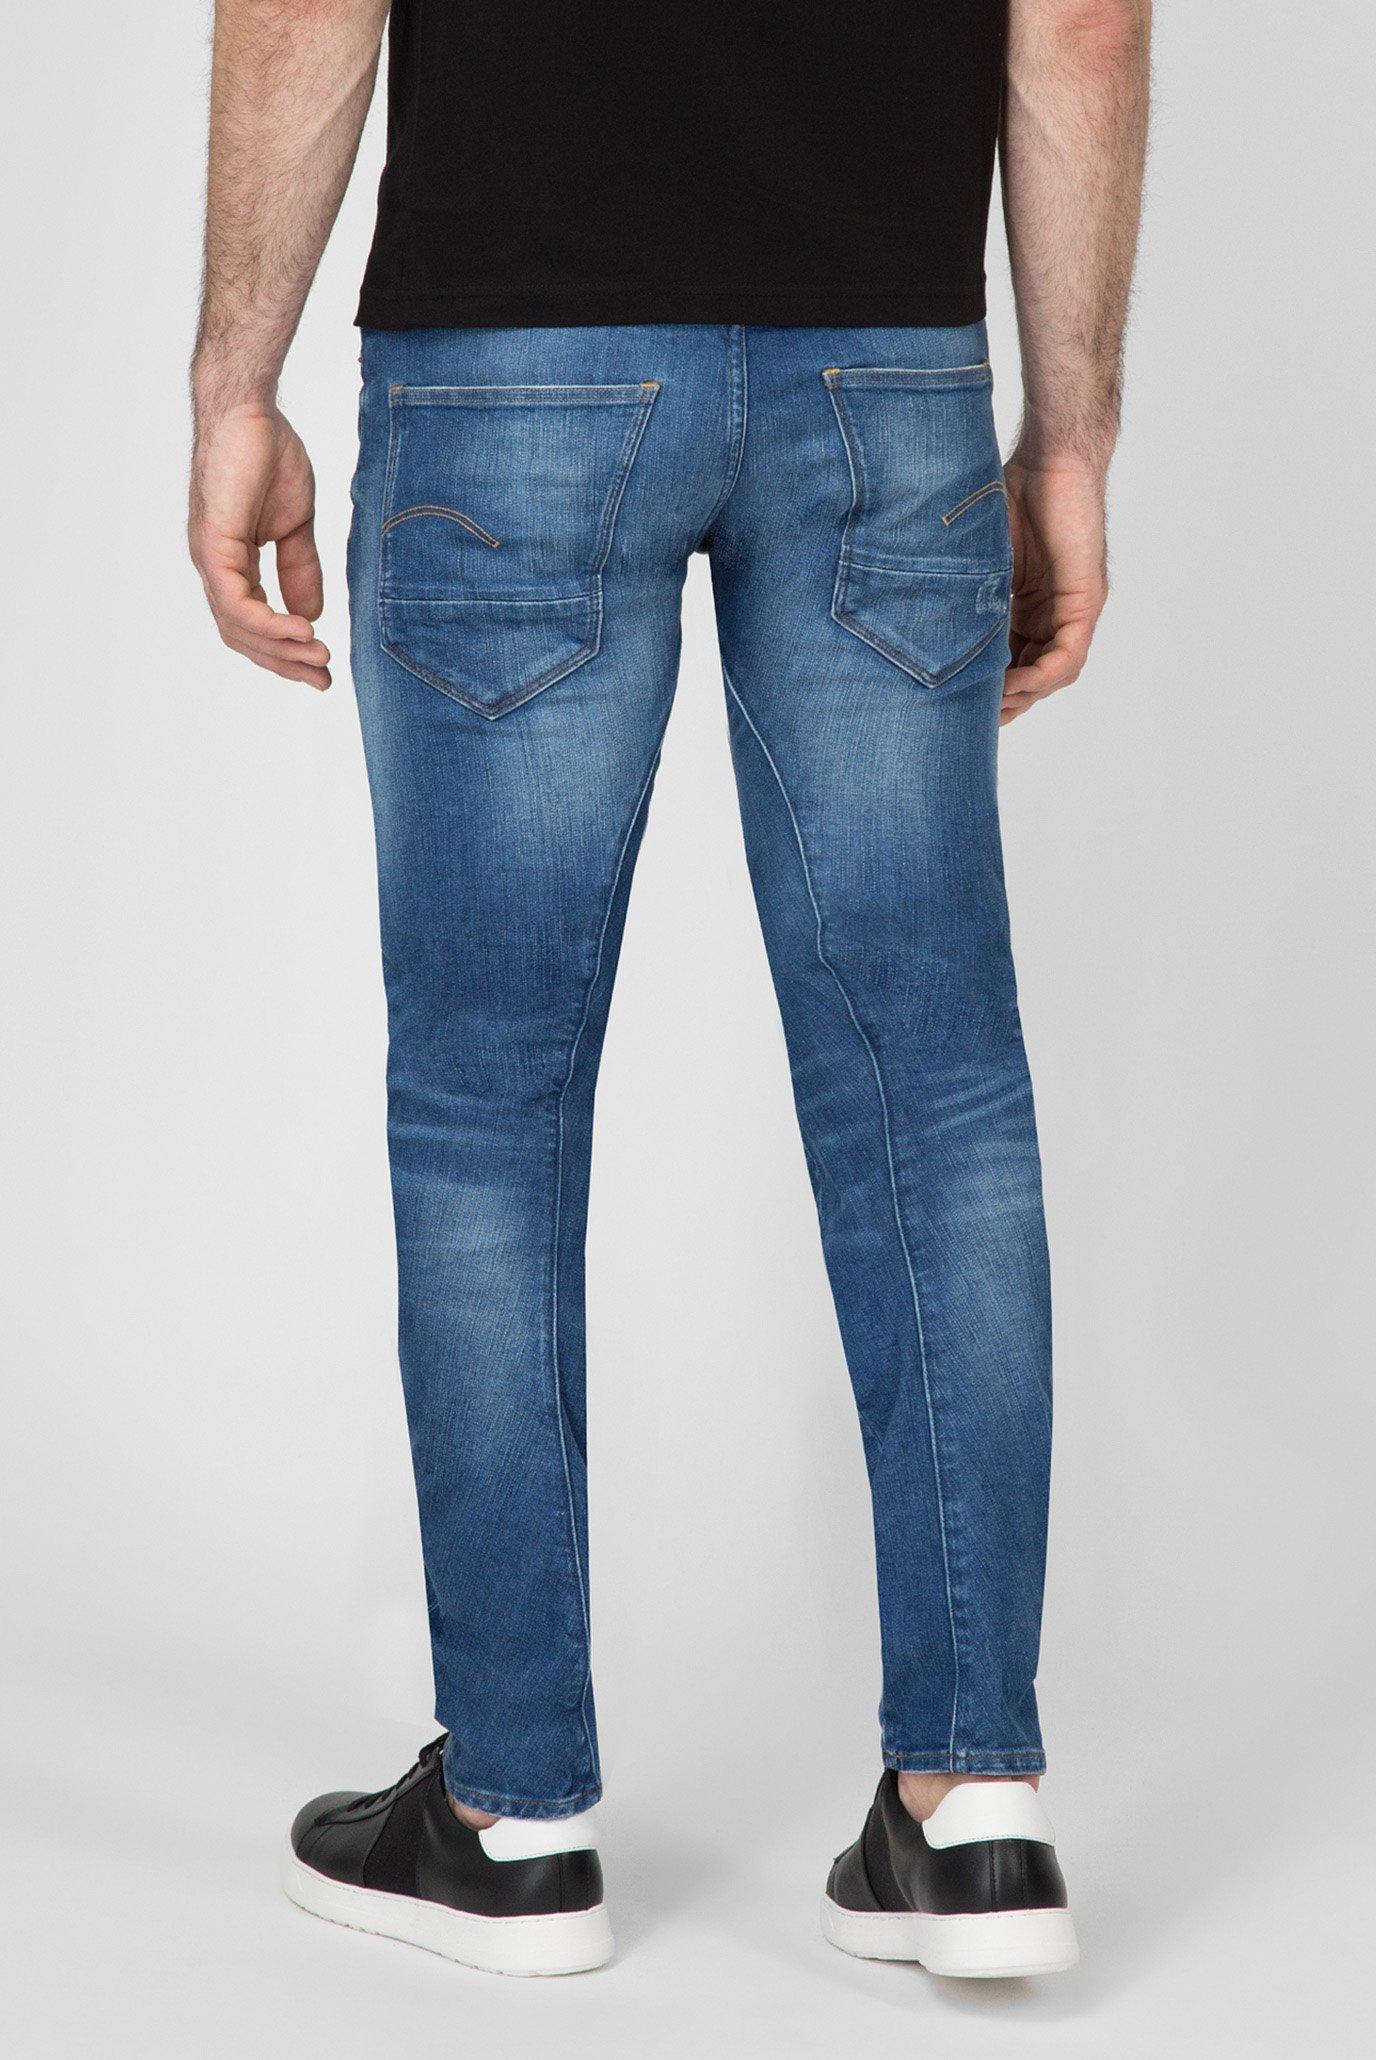 Купить Мужские синие джинсы ARC G-Star RAW G-Star RAW D10060,9880 – Киев, Украина. Цены в интернет магазине MD Fashion